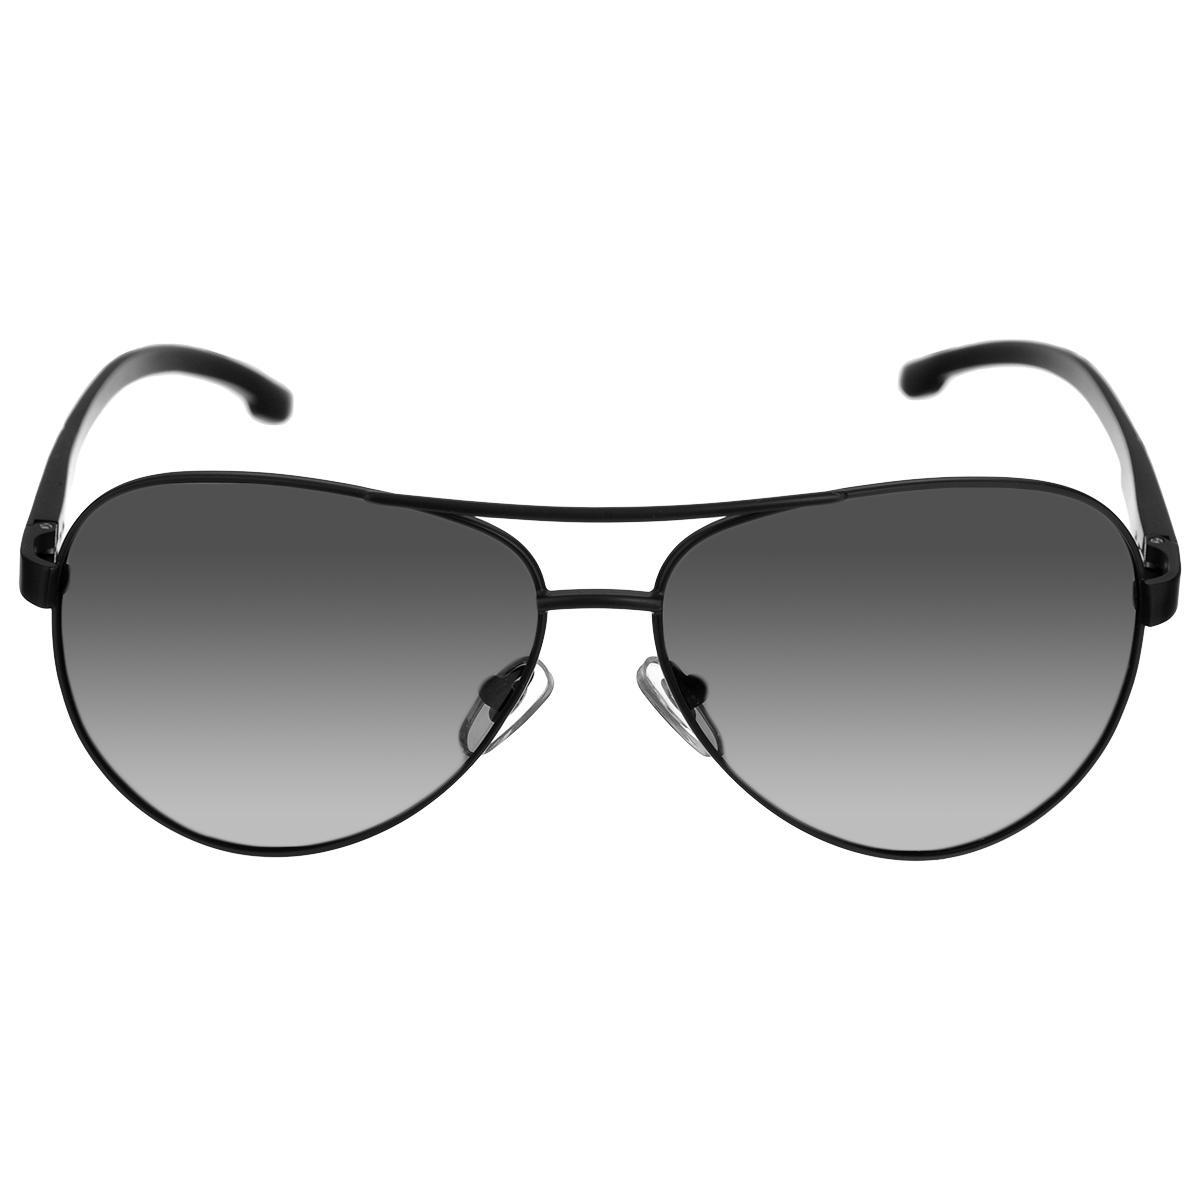 Очки поляризационные Cafa France, цвет: серый. CF8511CF8511Очки поляризационные Cafa France предназначены для защиты органов зрения от ультрафиолета, а также блокировки бликов. Оправа изготовлена из гибкого пластика, который не бьется и не подвергается остаточным деформациям. Оправа разработана для комфортного и безопасного вождения - легкая, надежная, не закрывающая обзор в зоне периферийного зрения. Прорезиненные элементы на дужках и надежные узлы крепления предотвращают соскальзывание. Категория затемнения линз - Cat.3. Практичный аксессуар не только защитит ваши глаза, но и ярко подчеркнет ваш стиль.